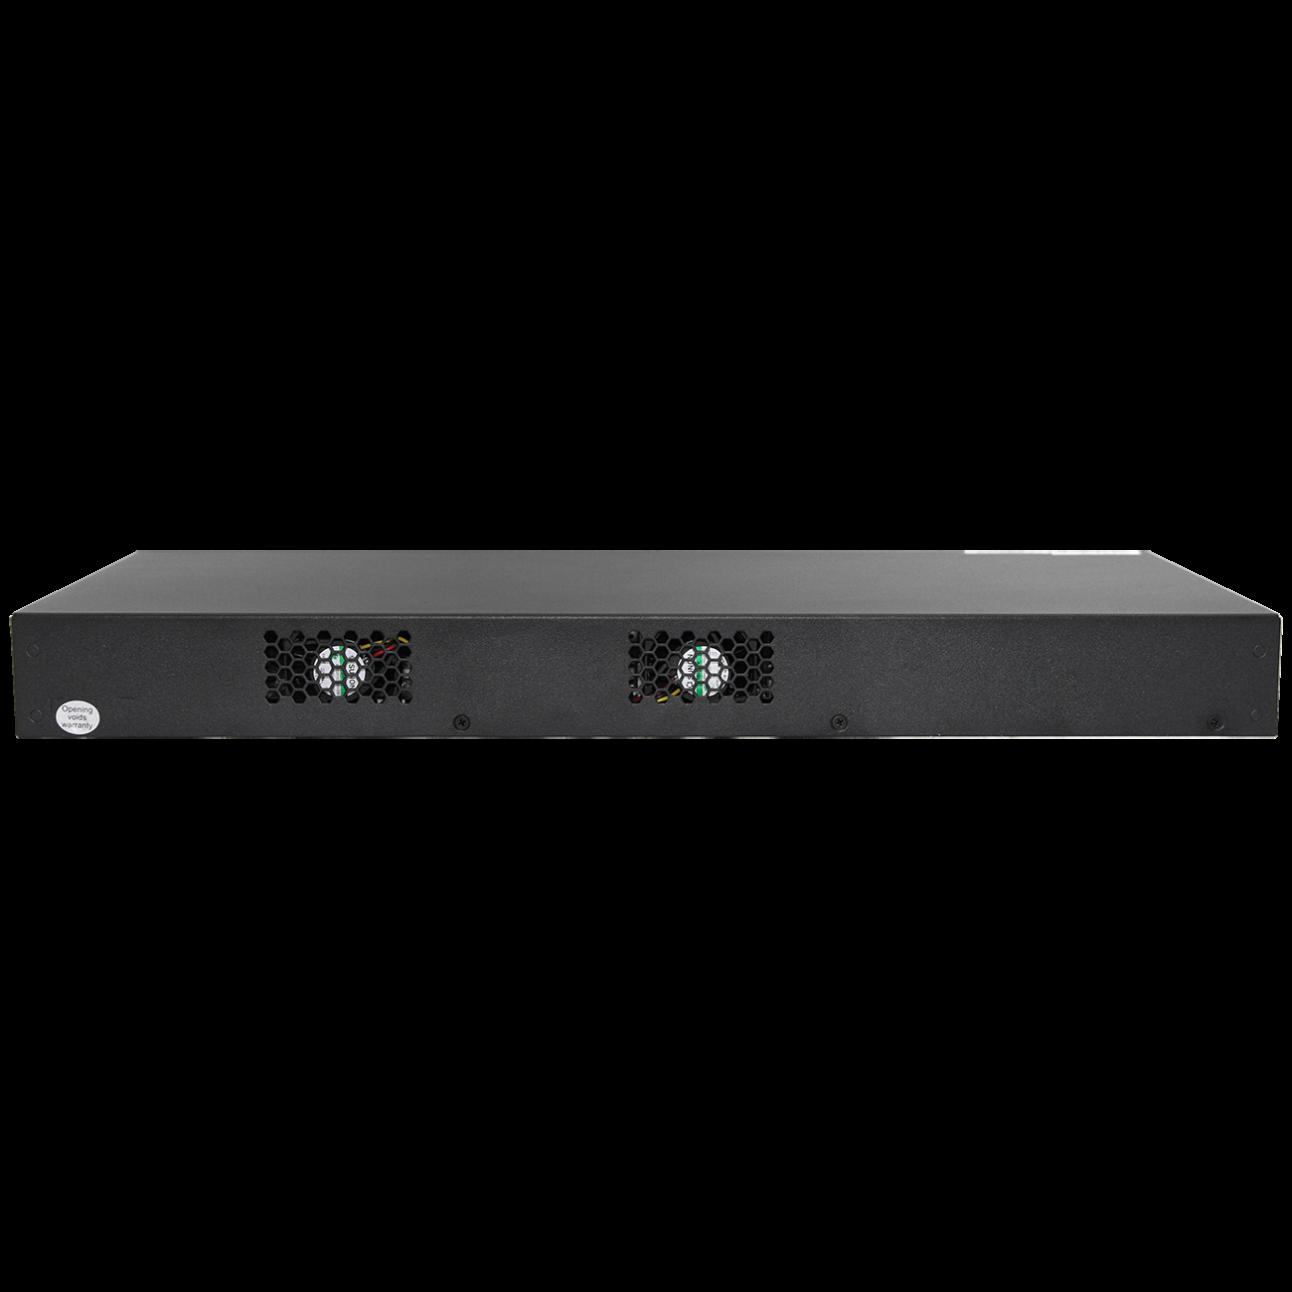 Управляемый коммутатор уровня 2+ SNR-S2990G-24FX-UPS